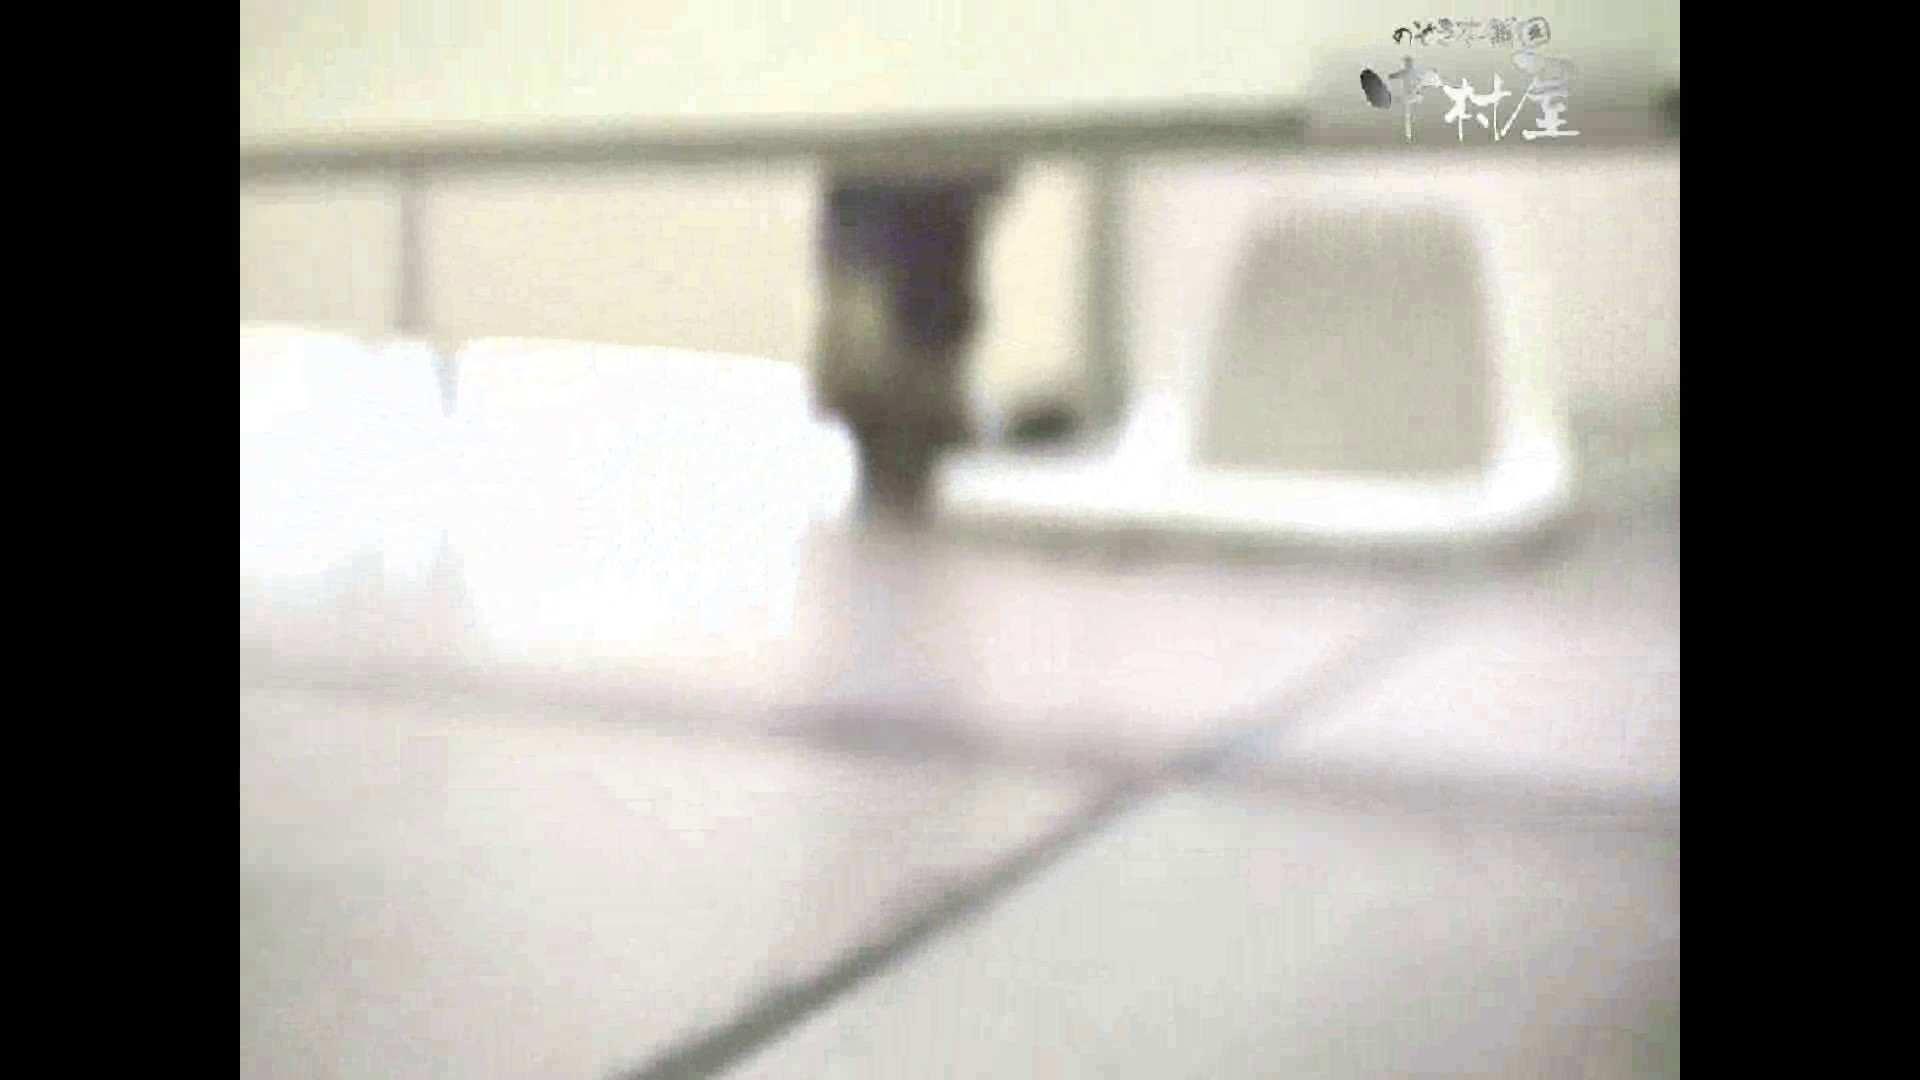 岩手県在住盗撮師盗撮記録vol.28 エロいお姉さん AV無料動画キャプチャ 42枚